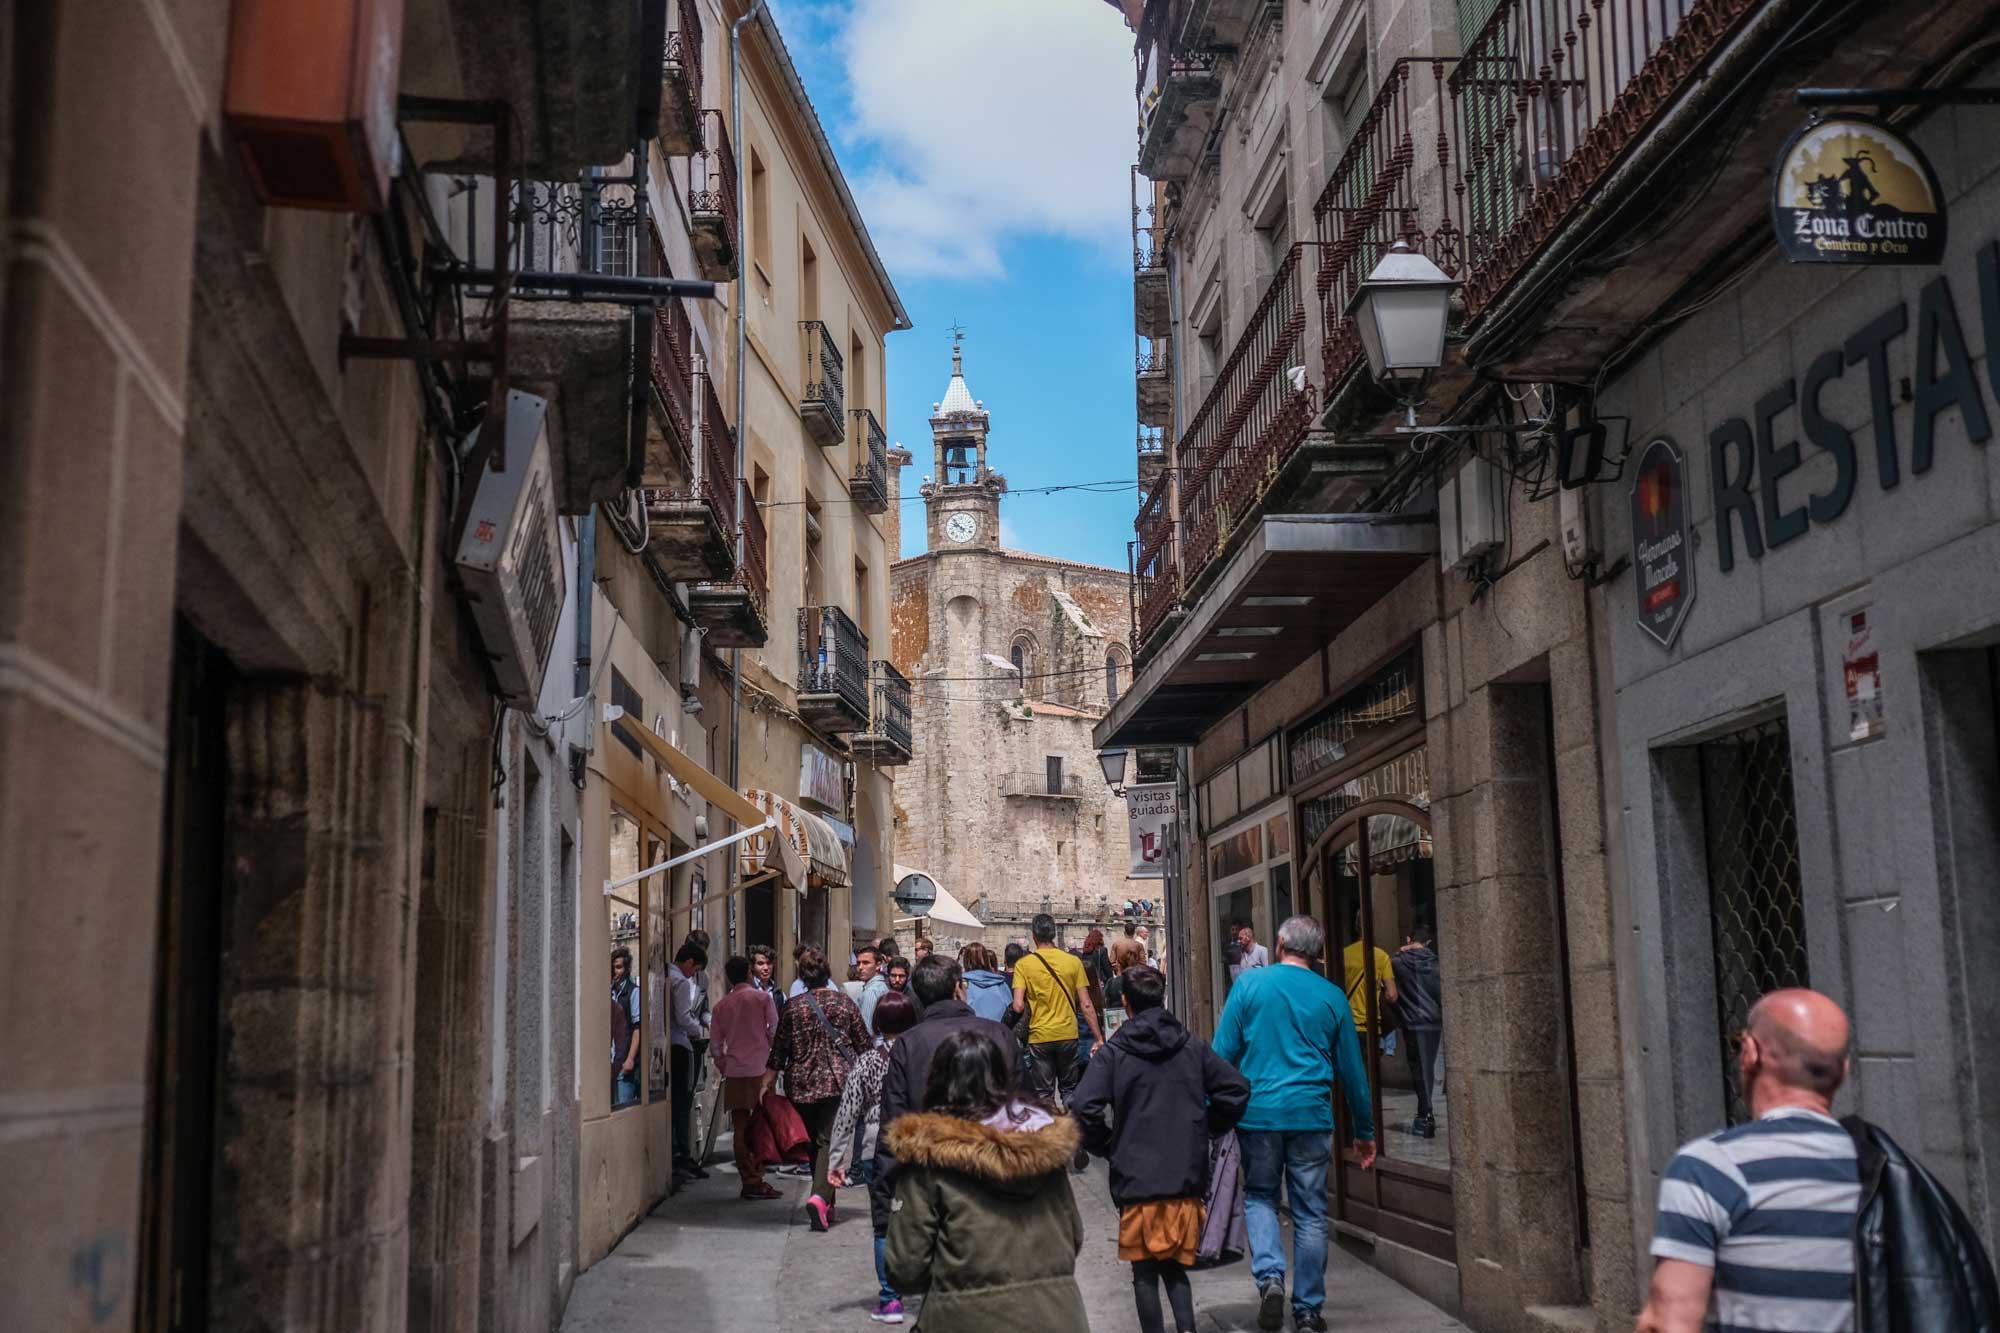 Calle principal de tiendas de Trujillo.